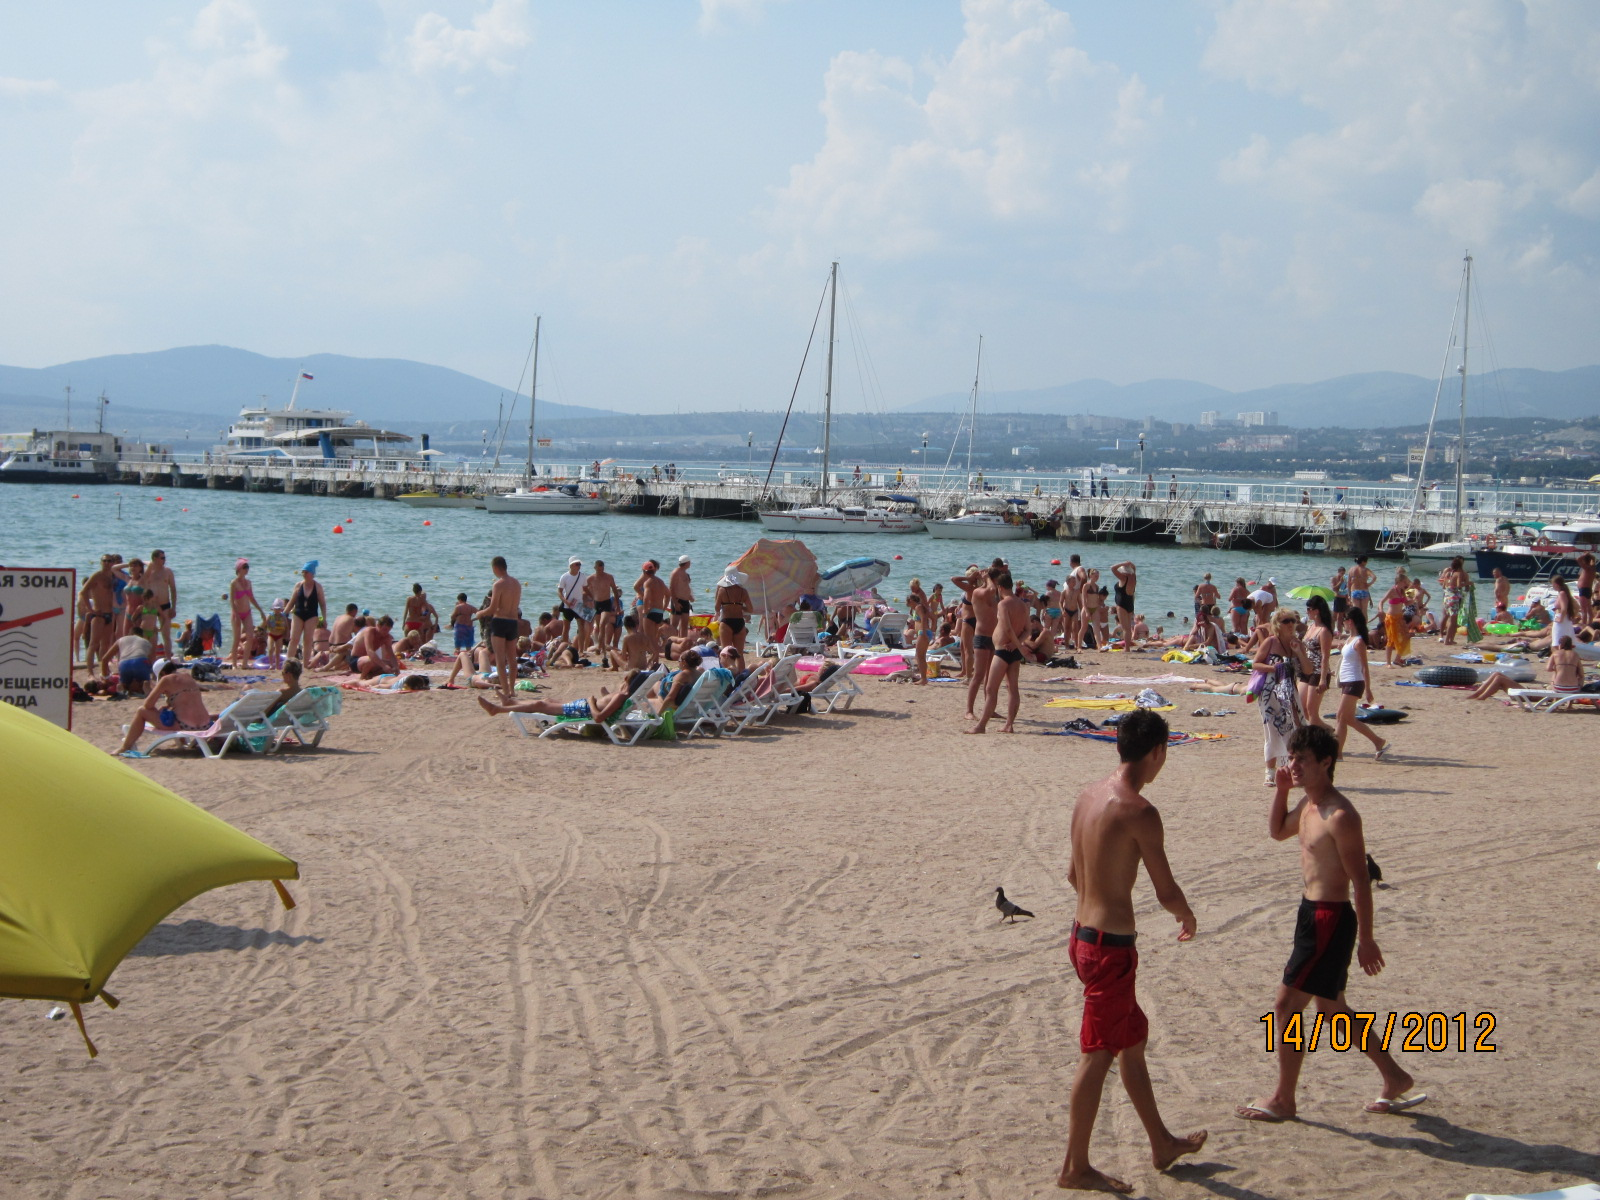 Центральный пляж Геленджика. Отели рядом, фото, видео, как 98